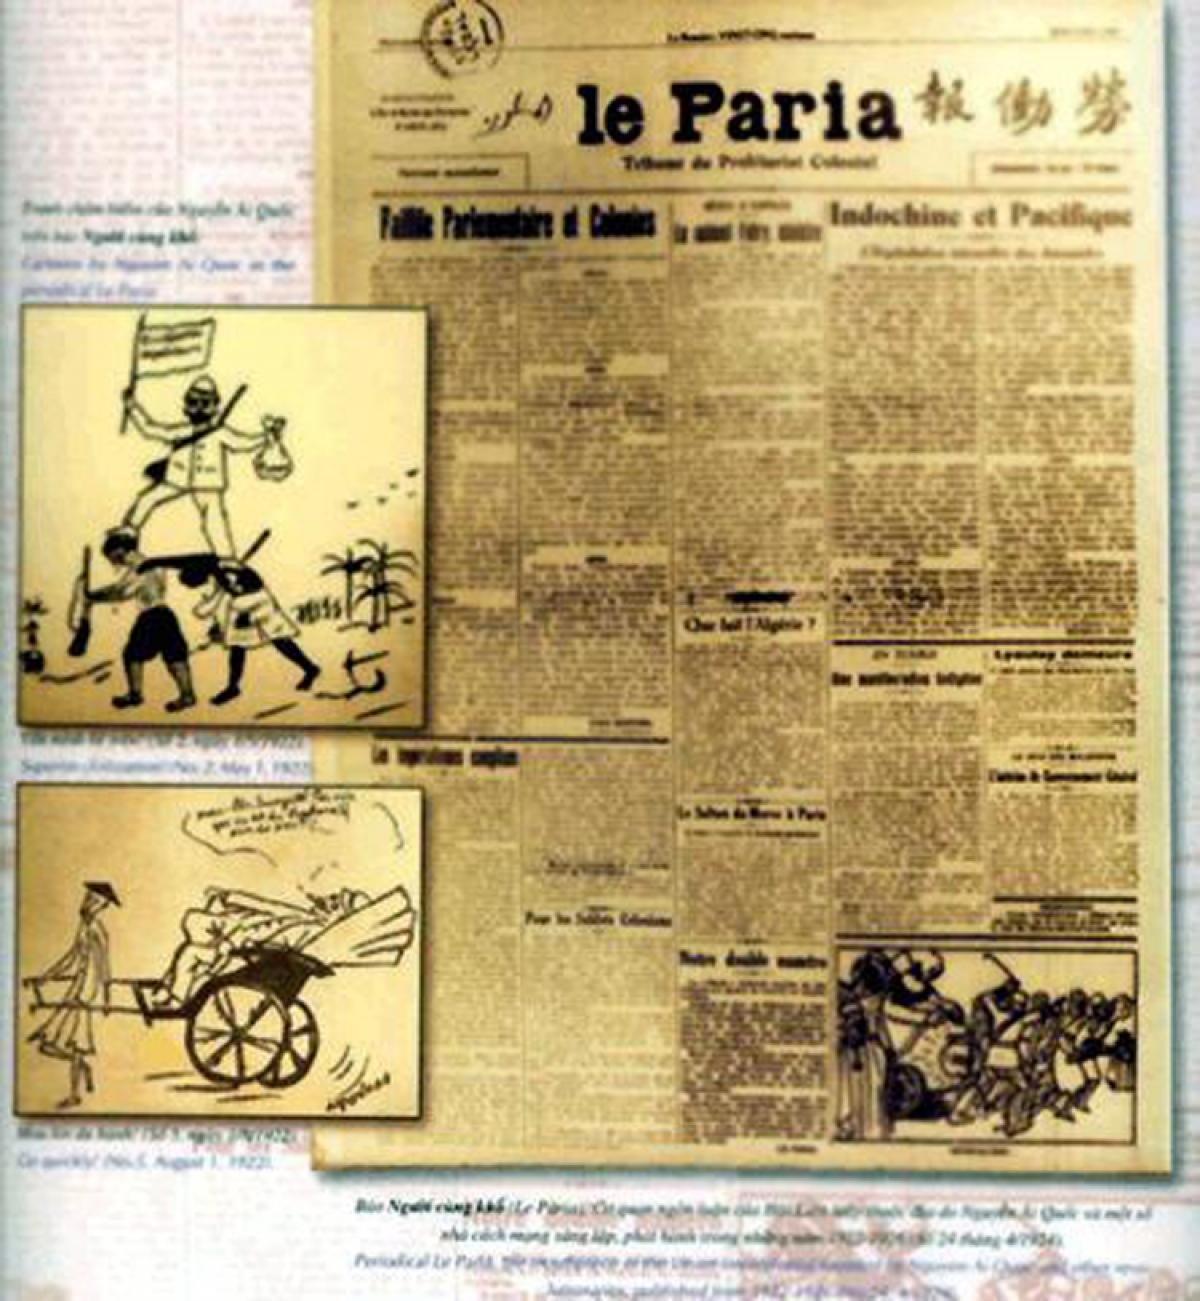 Báo Người cùng khổ và tranh châm biếm của báo do nhà cách mạng Nguyễn Ái Quốc vẽ.